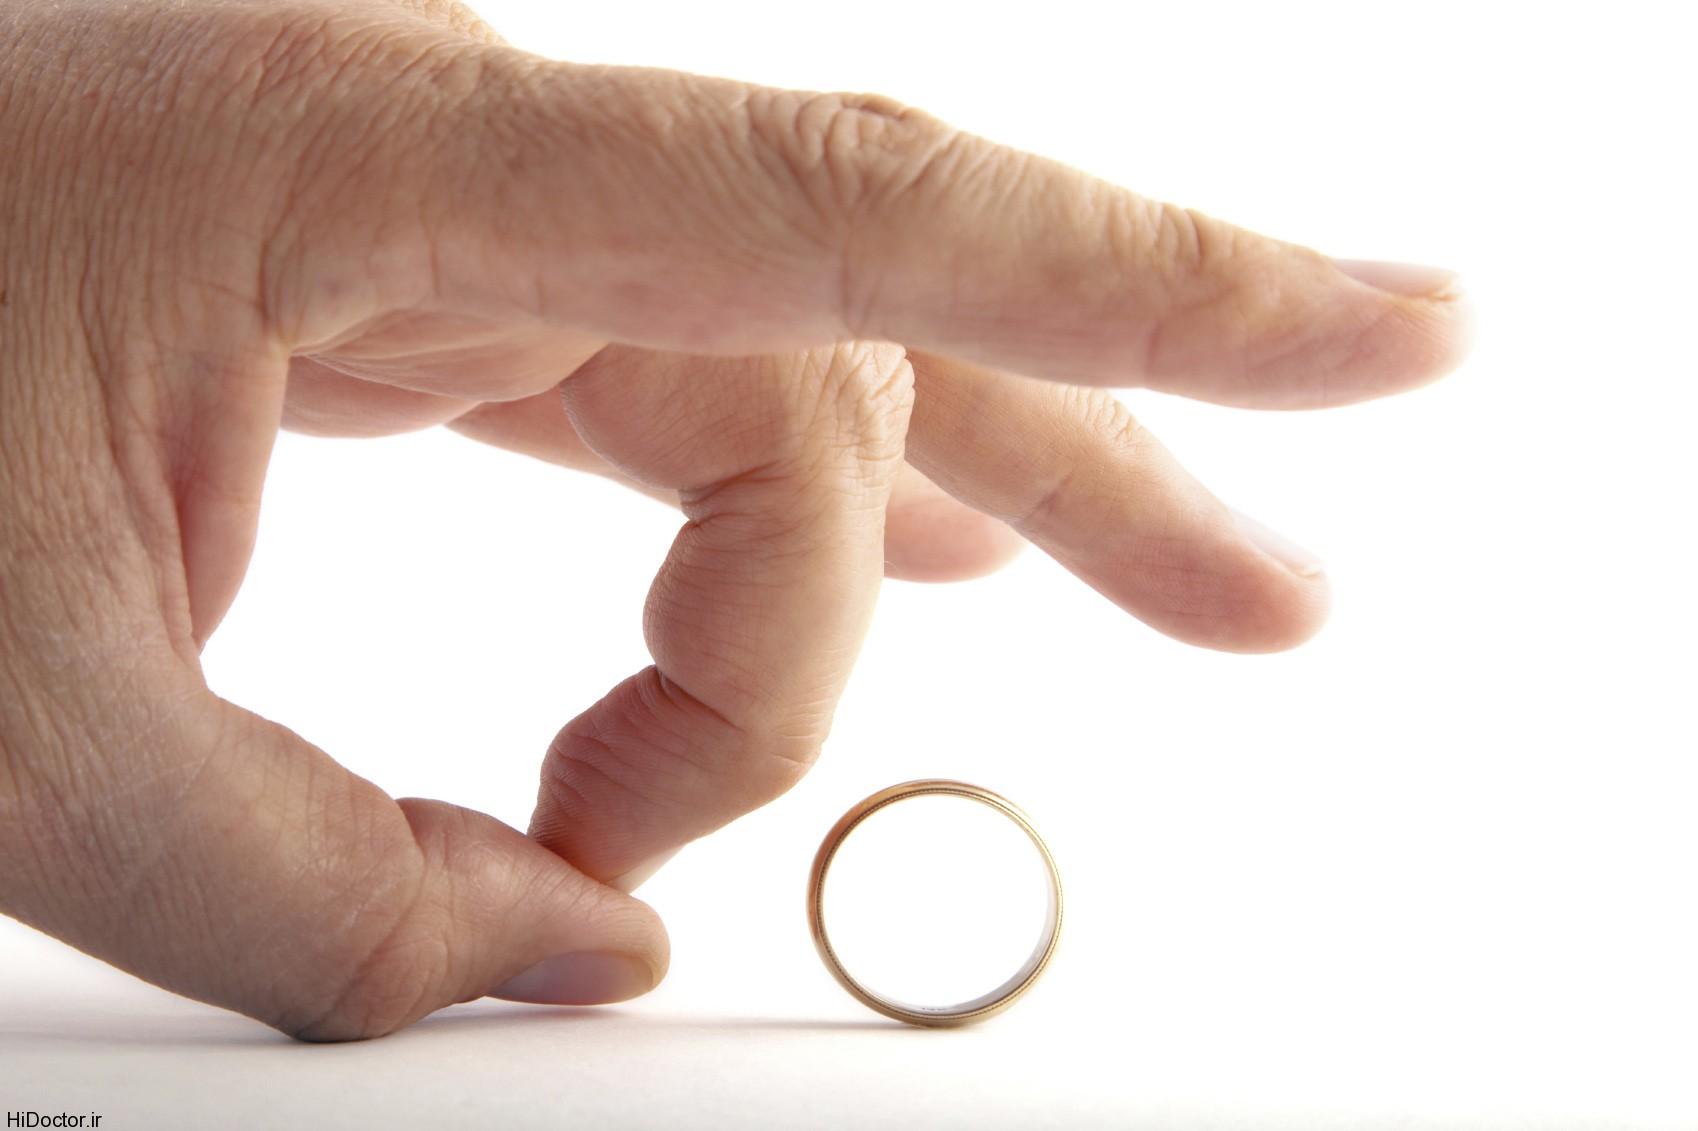 پیامدهای خیانت کردن به همسر!